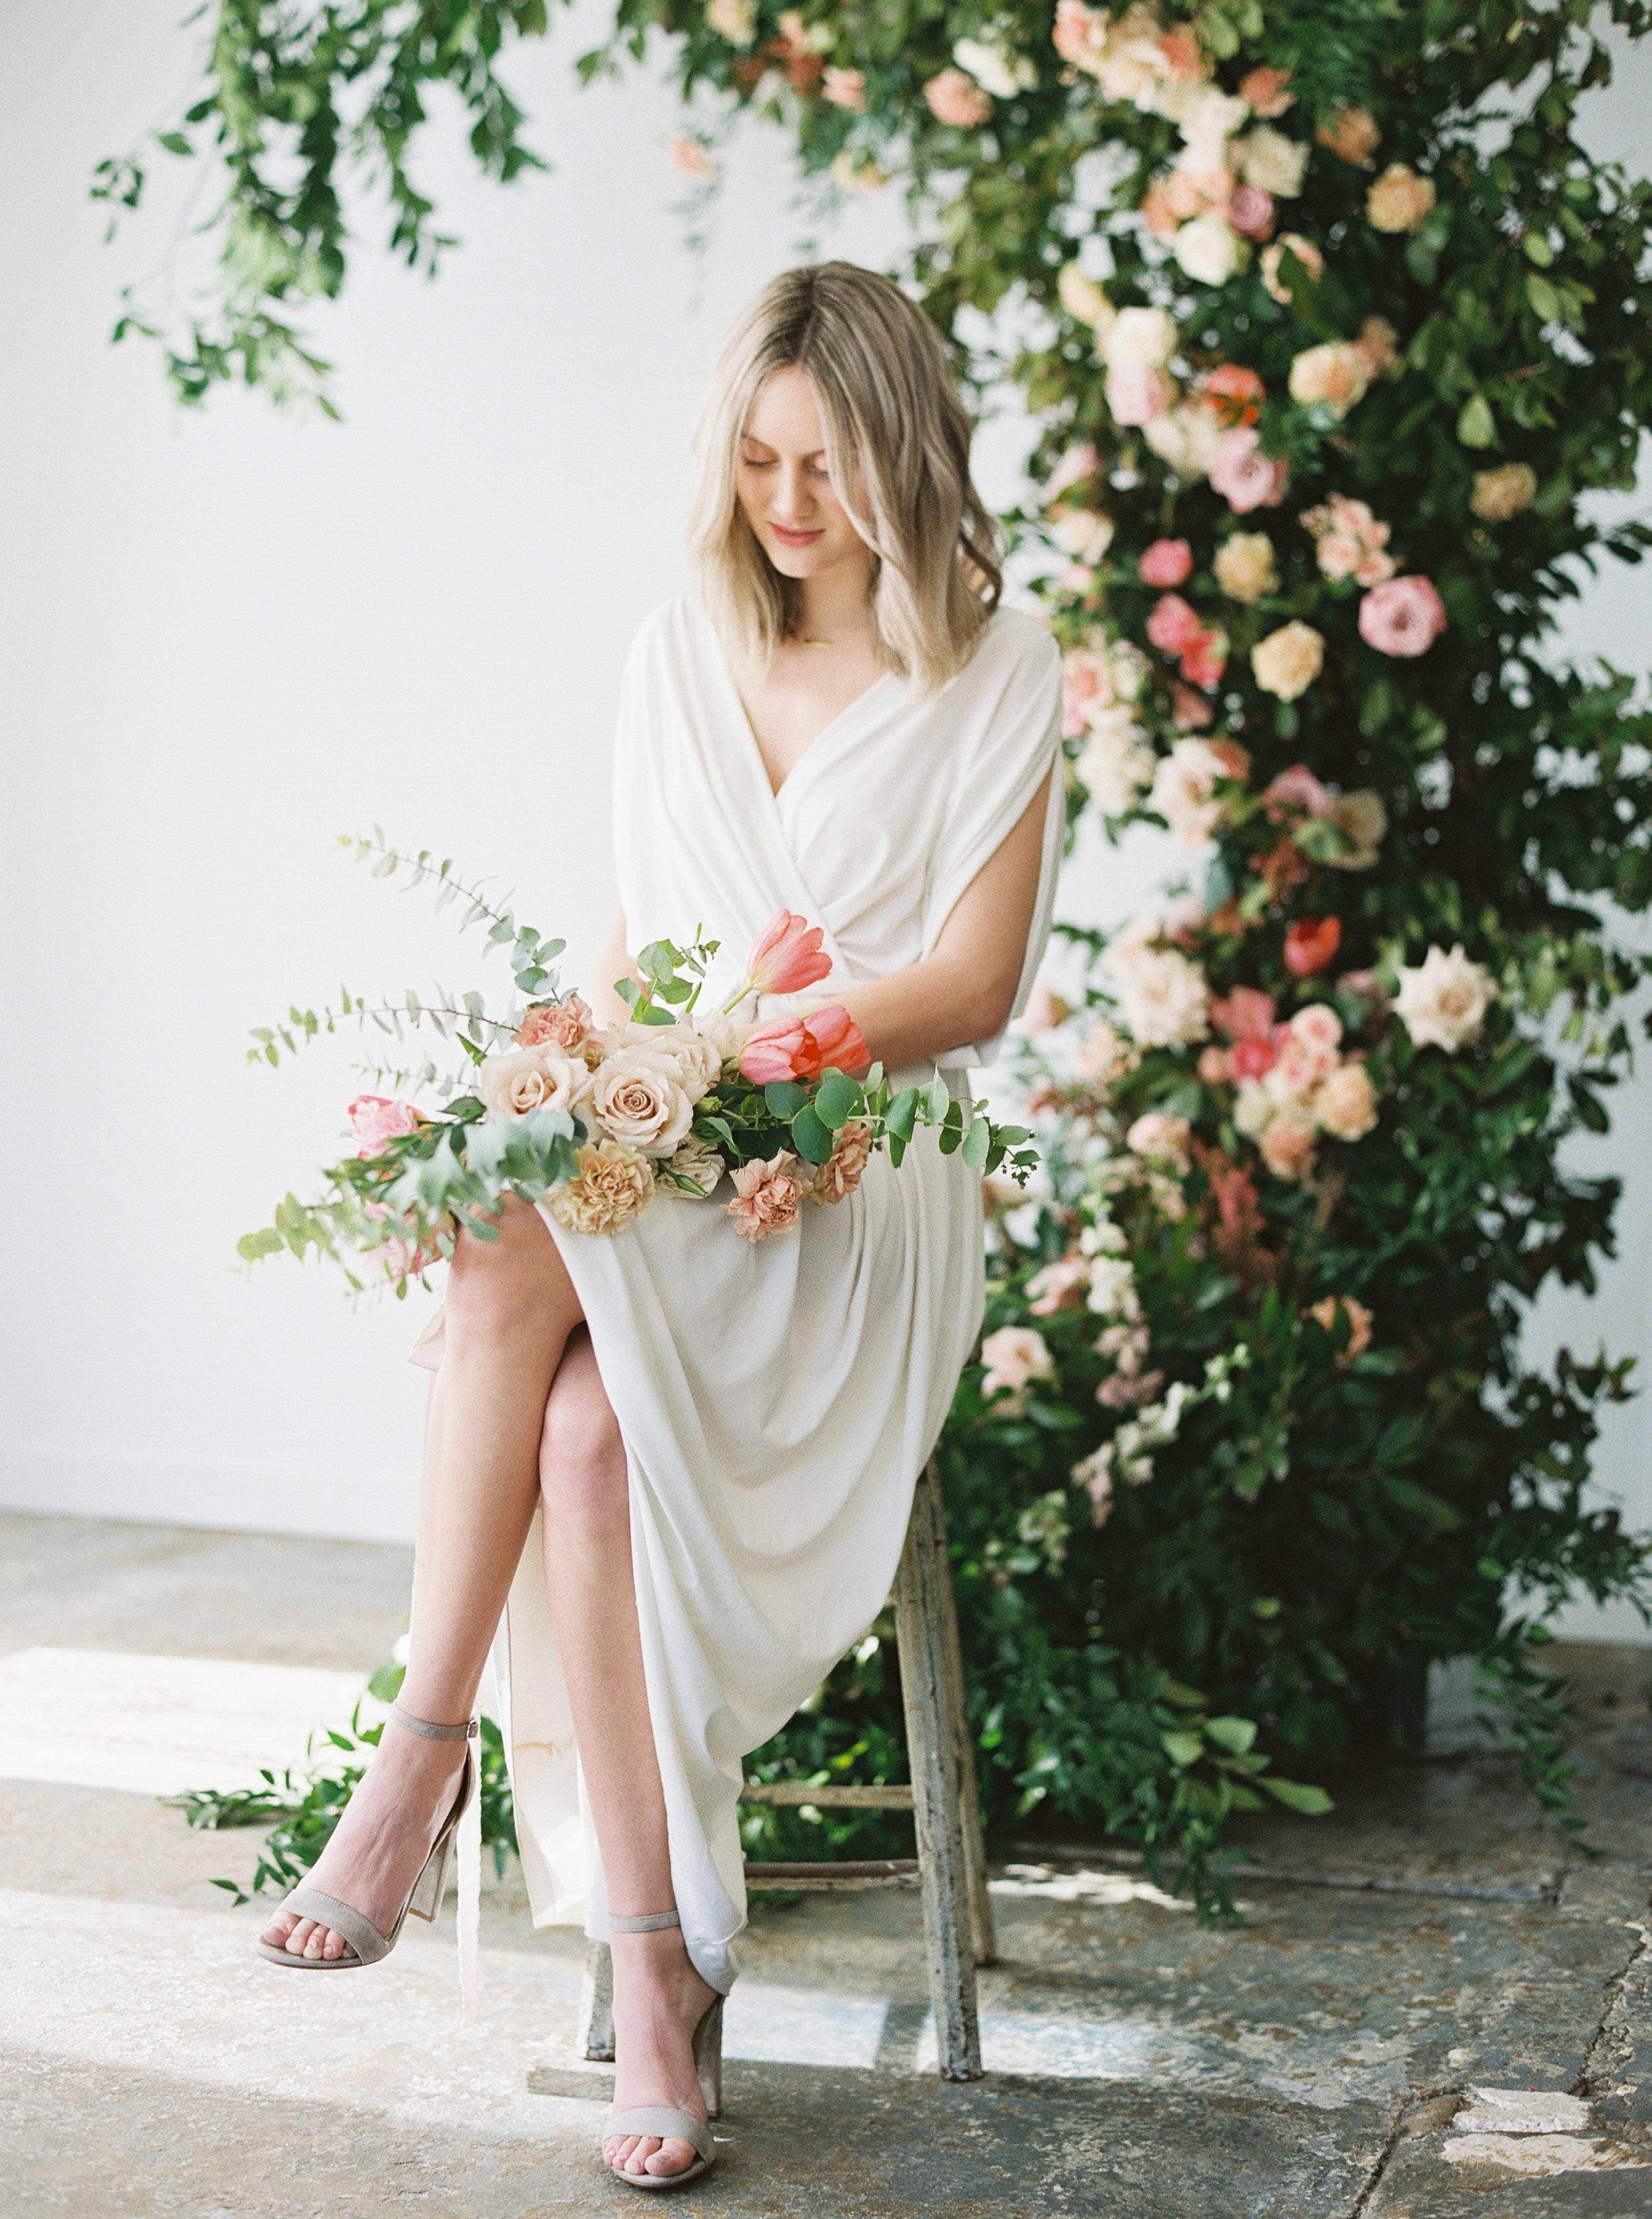 spring_flowers_tulips_pink_floridesigns (5 of 18).jpg